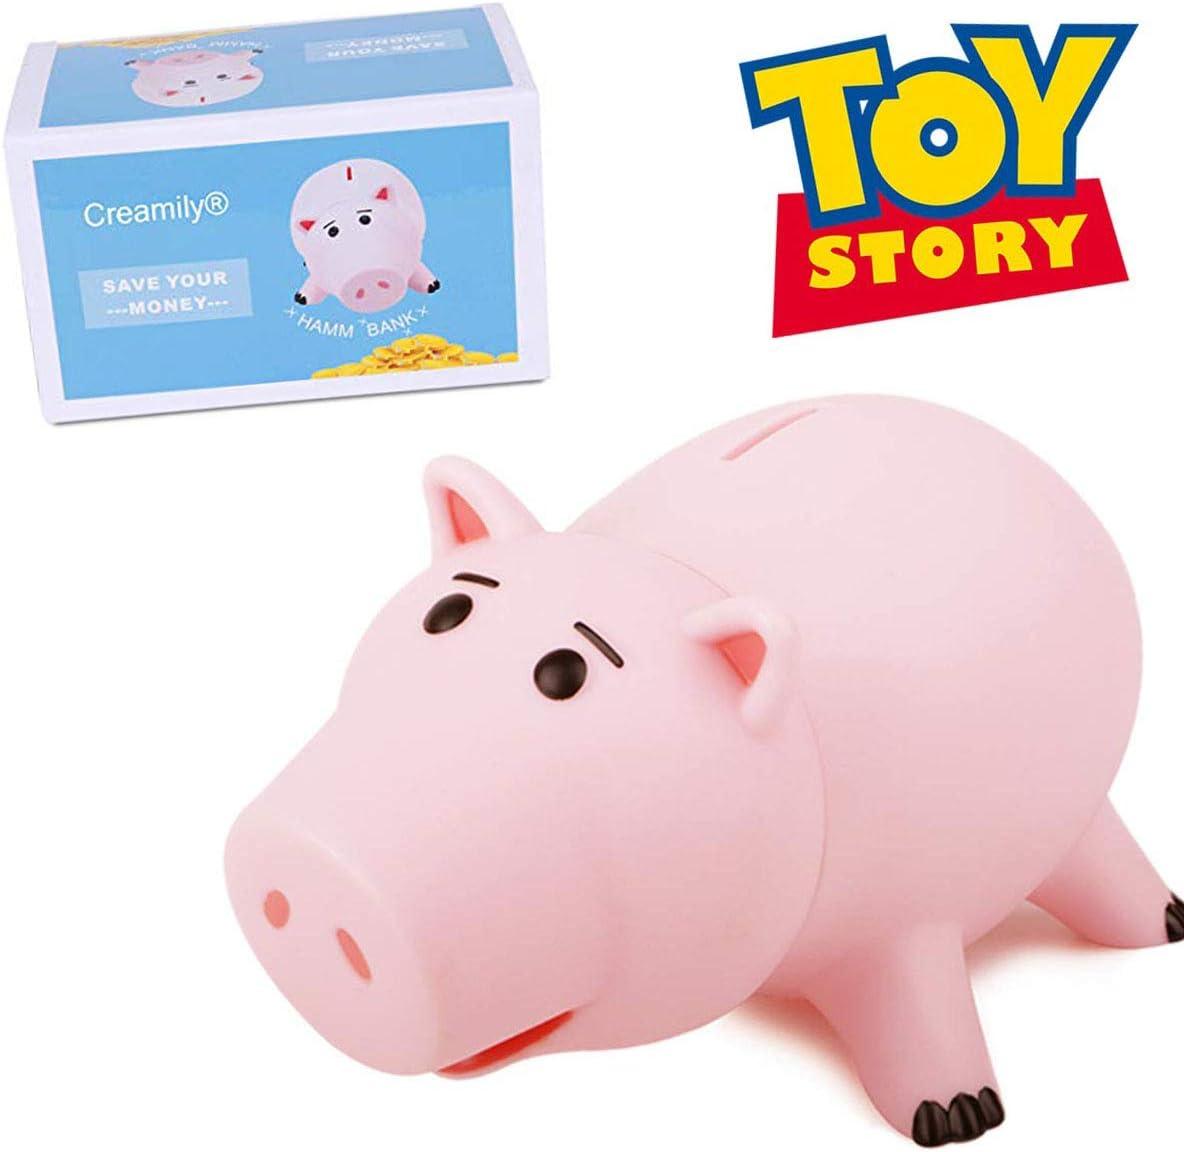 Creamily Hucha Cute Pink Pig Money Box Caja De Monedas De Ahorro De Plástico con Lindo Paquete